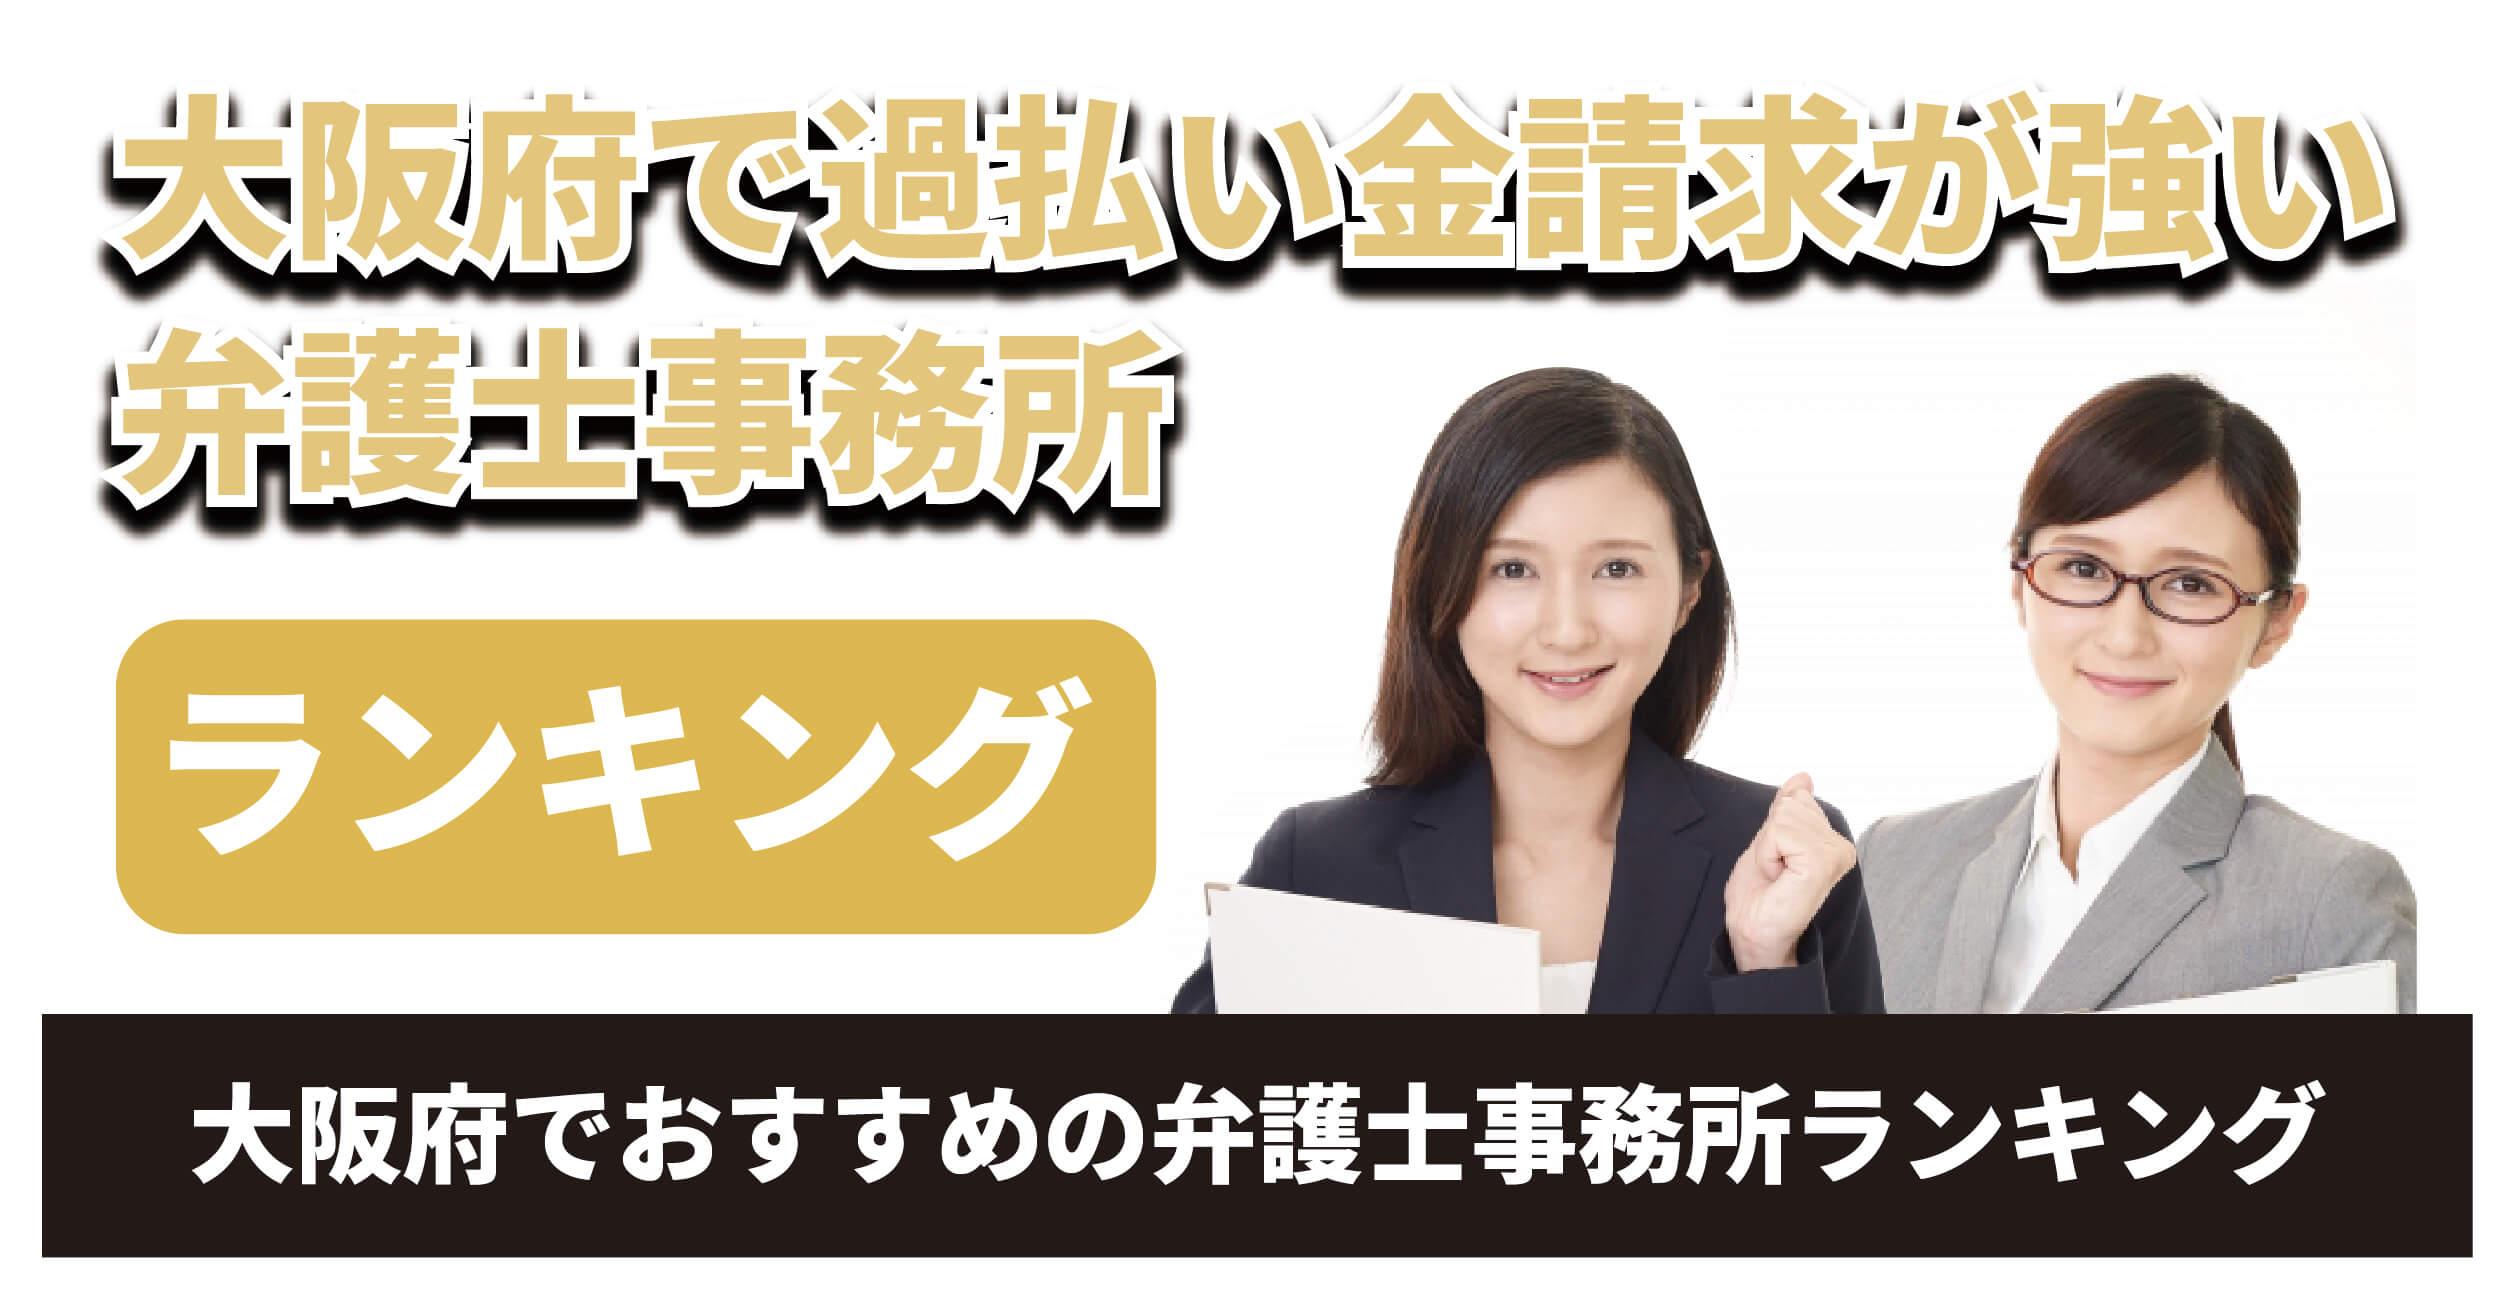 大阪で過払い金請求に強い法律事務所を選ぶ3のポイント